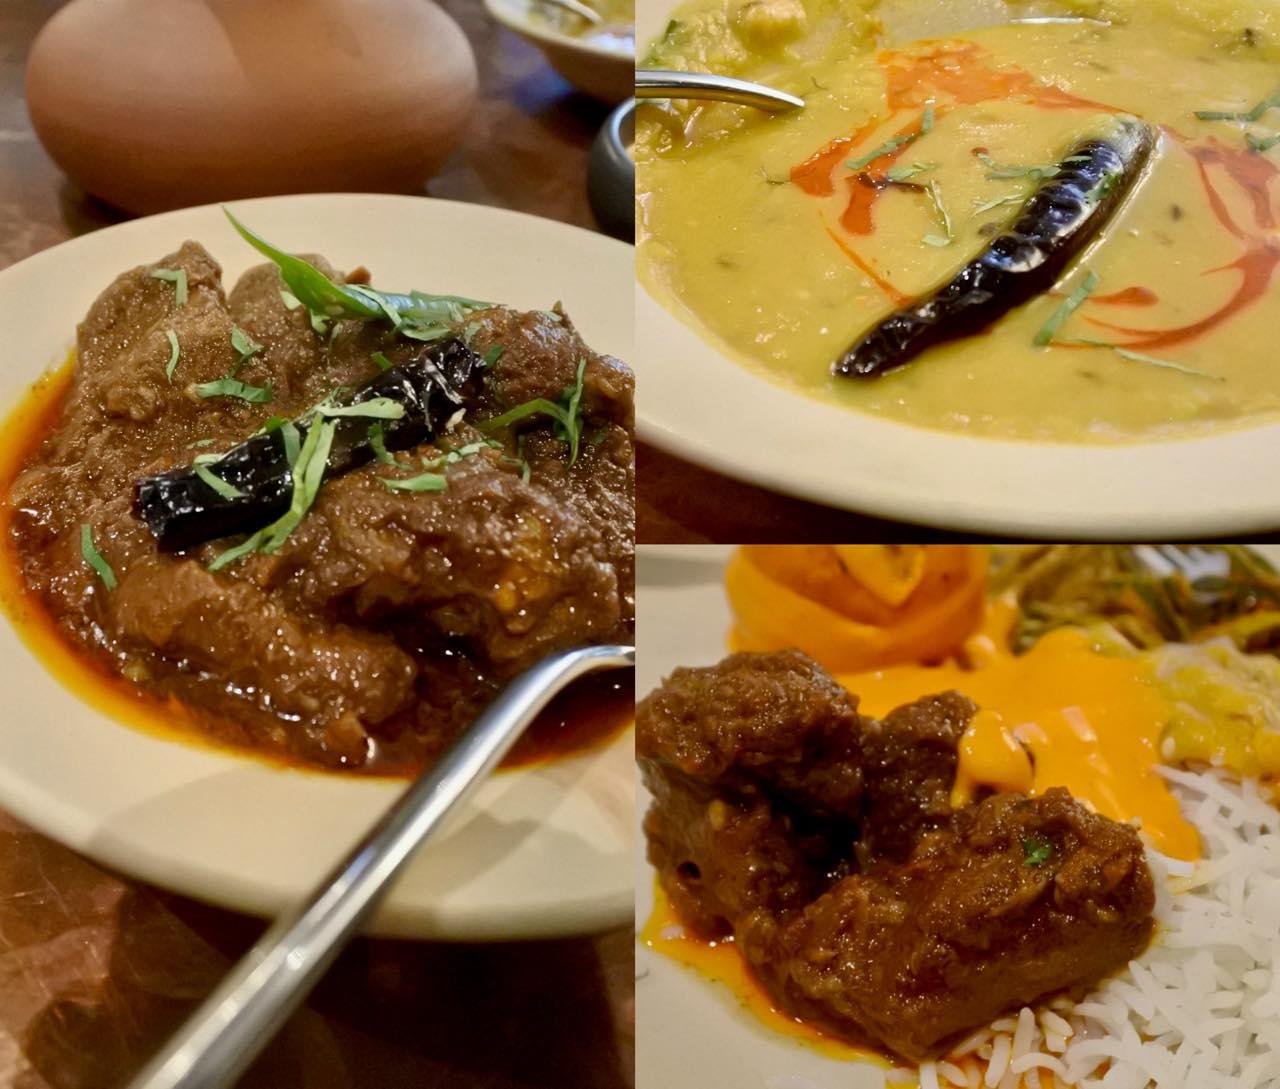 ヤギ肉のカレー!  ベンガルでは日曜の午後にいただく典型的な料理だそうです。右上はイエロー・ダール。これもマイルドなお味で美味しかった。